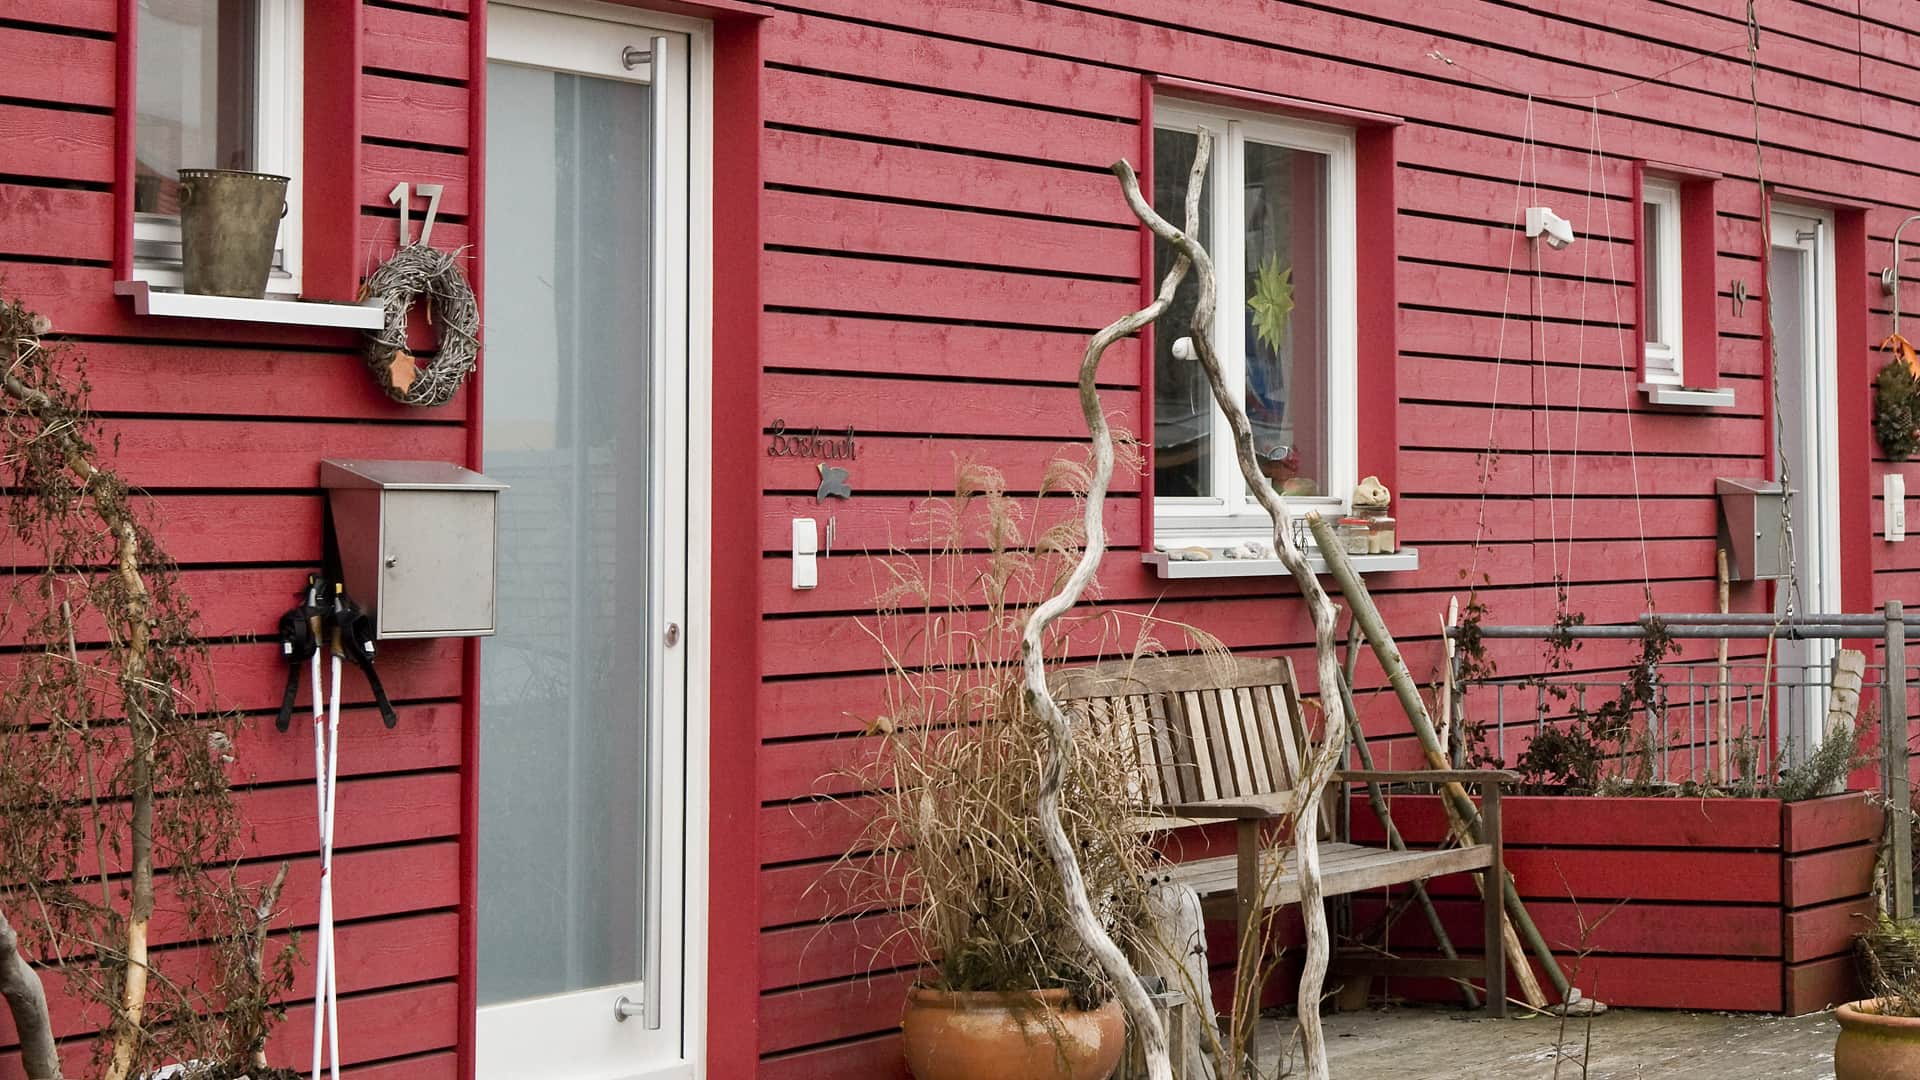 Eine schicke Fassade gibt dem Haus das gewisse Etwas.